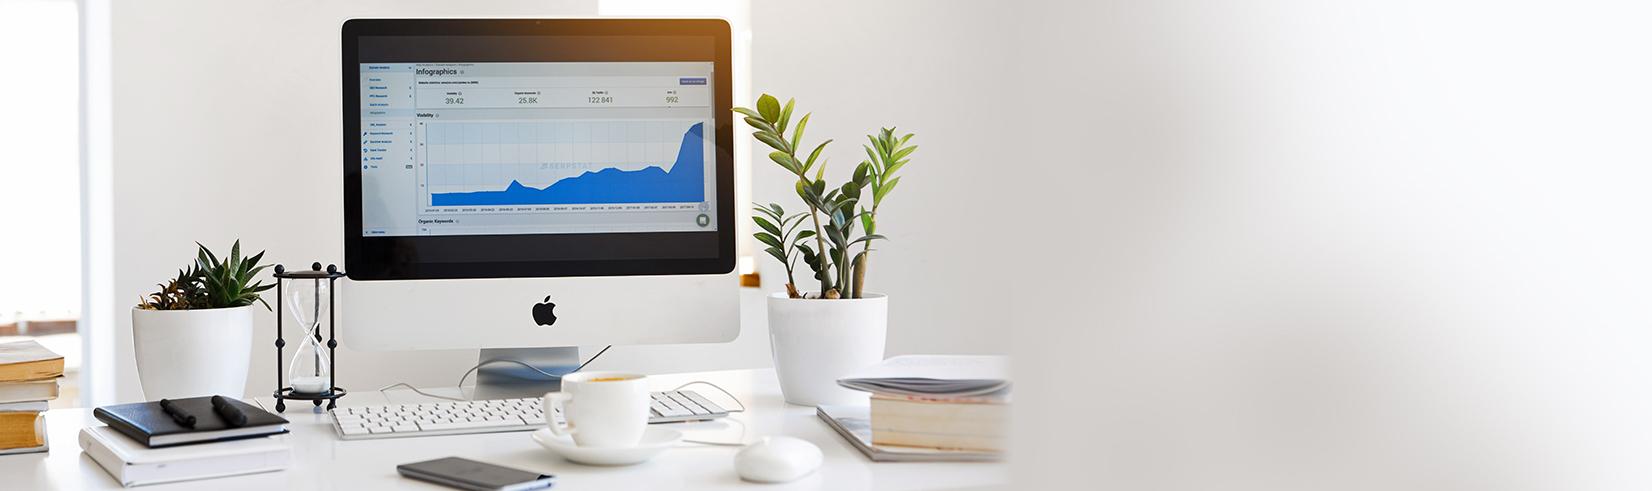 inbound marketing, graph, data, desktop, computer